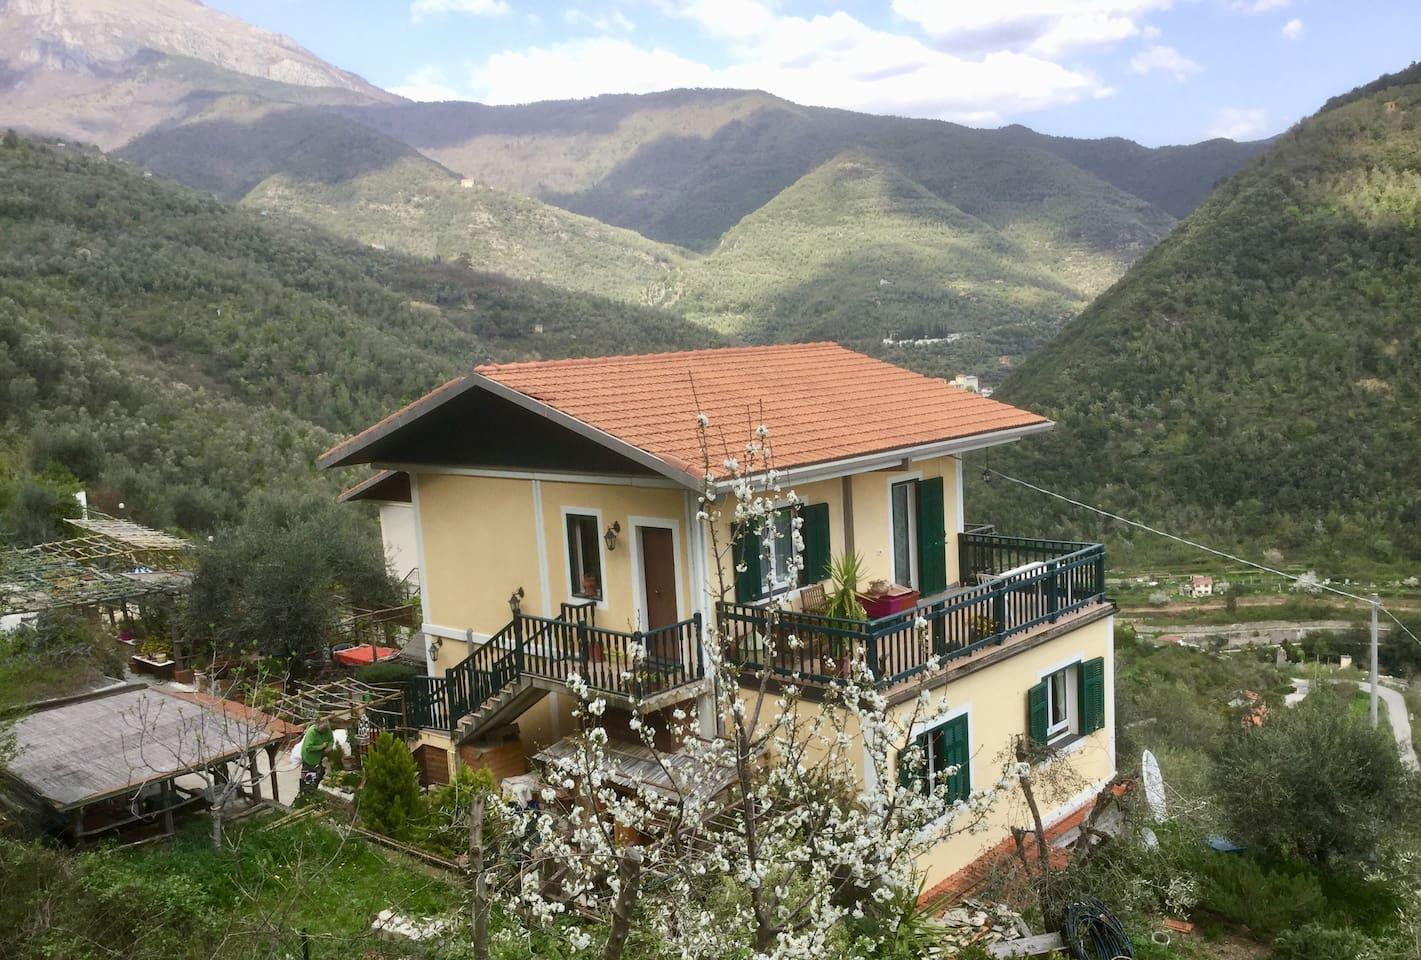 Casa Valeria in the spring